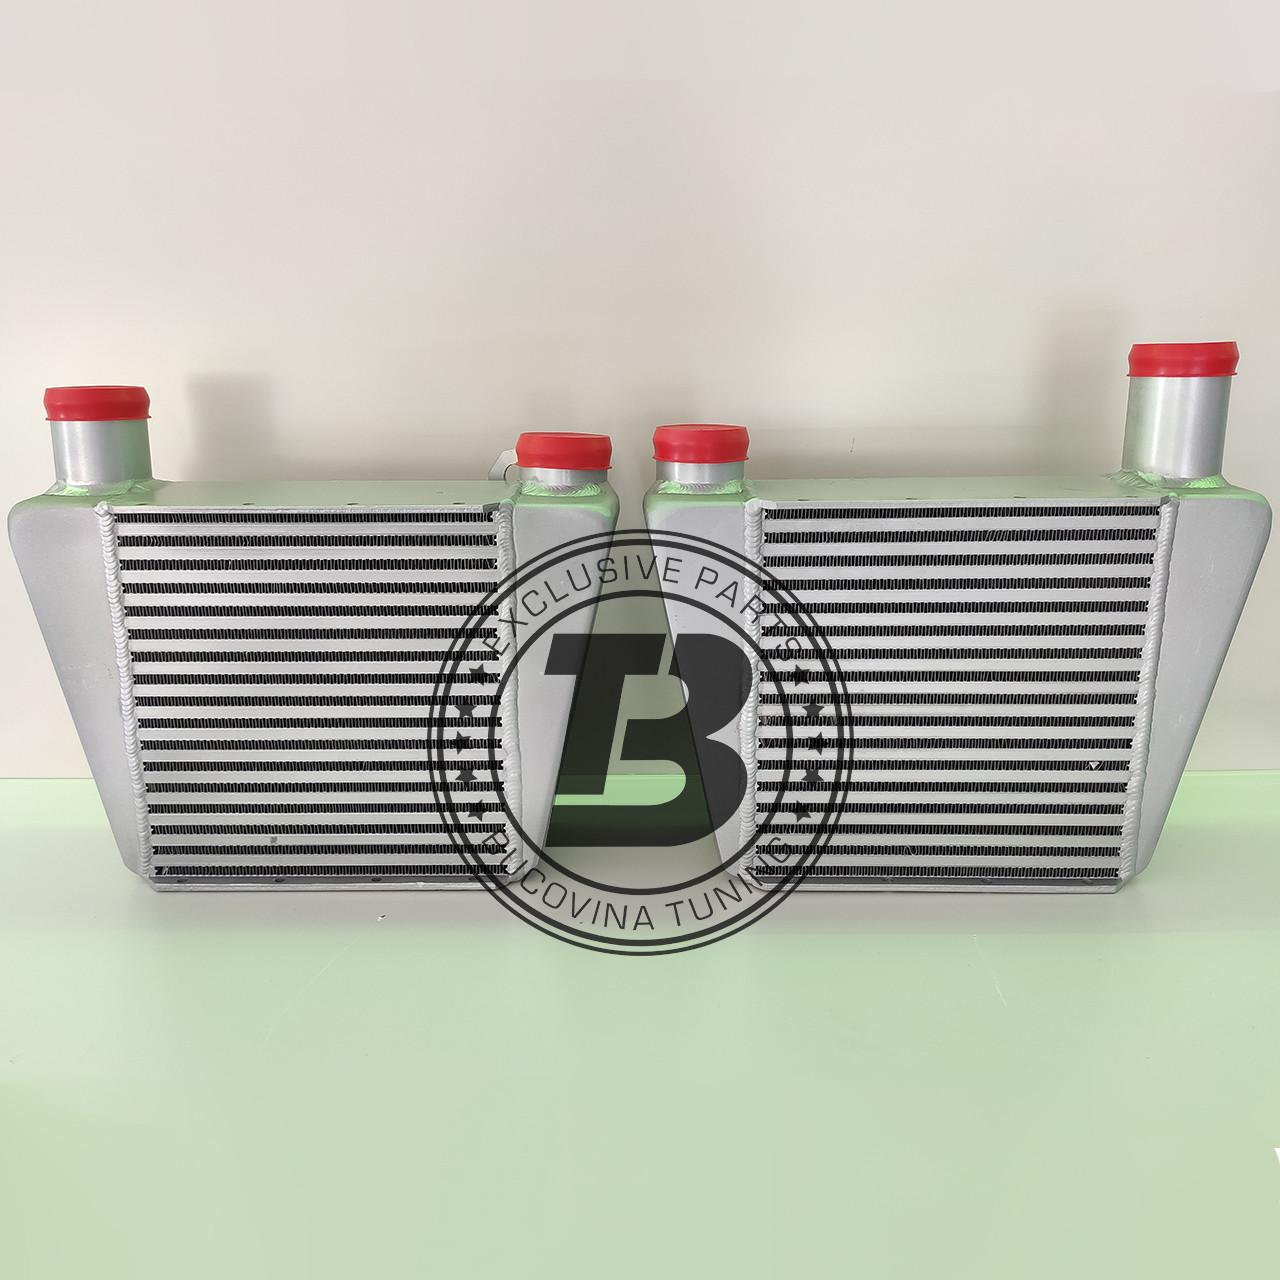 Intercooler sport Audi A4 B7/ A6 4F 2.0 TFSI/ TDI (04-07)